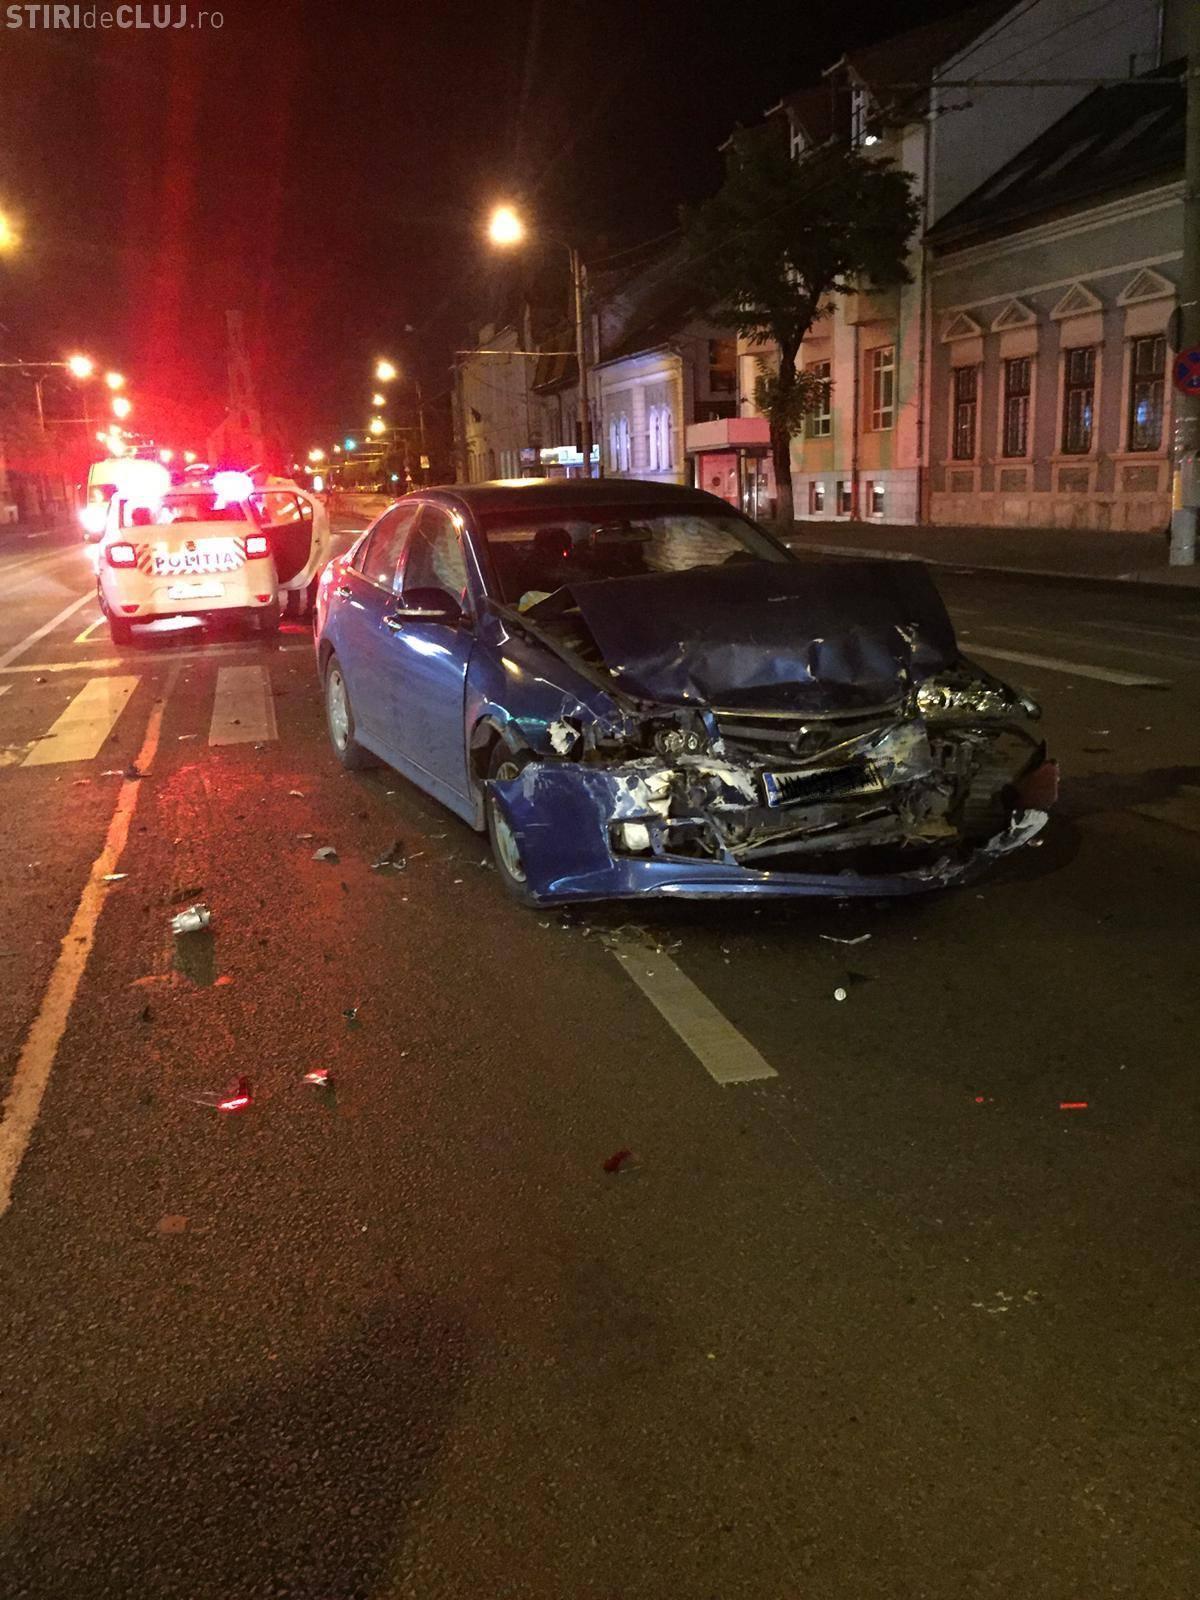 Accident pe Bulevardul 21 Decembrie, la 5.40 dimineața. Erau singuri pe tot bulevardul - FOTO